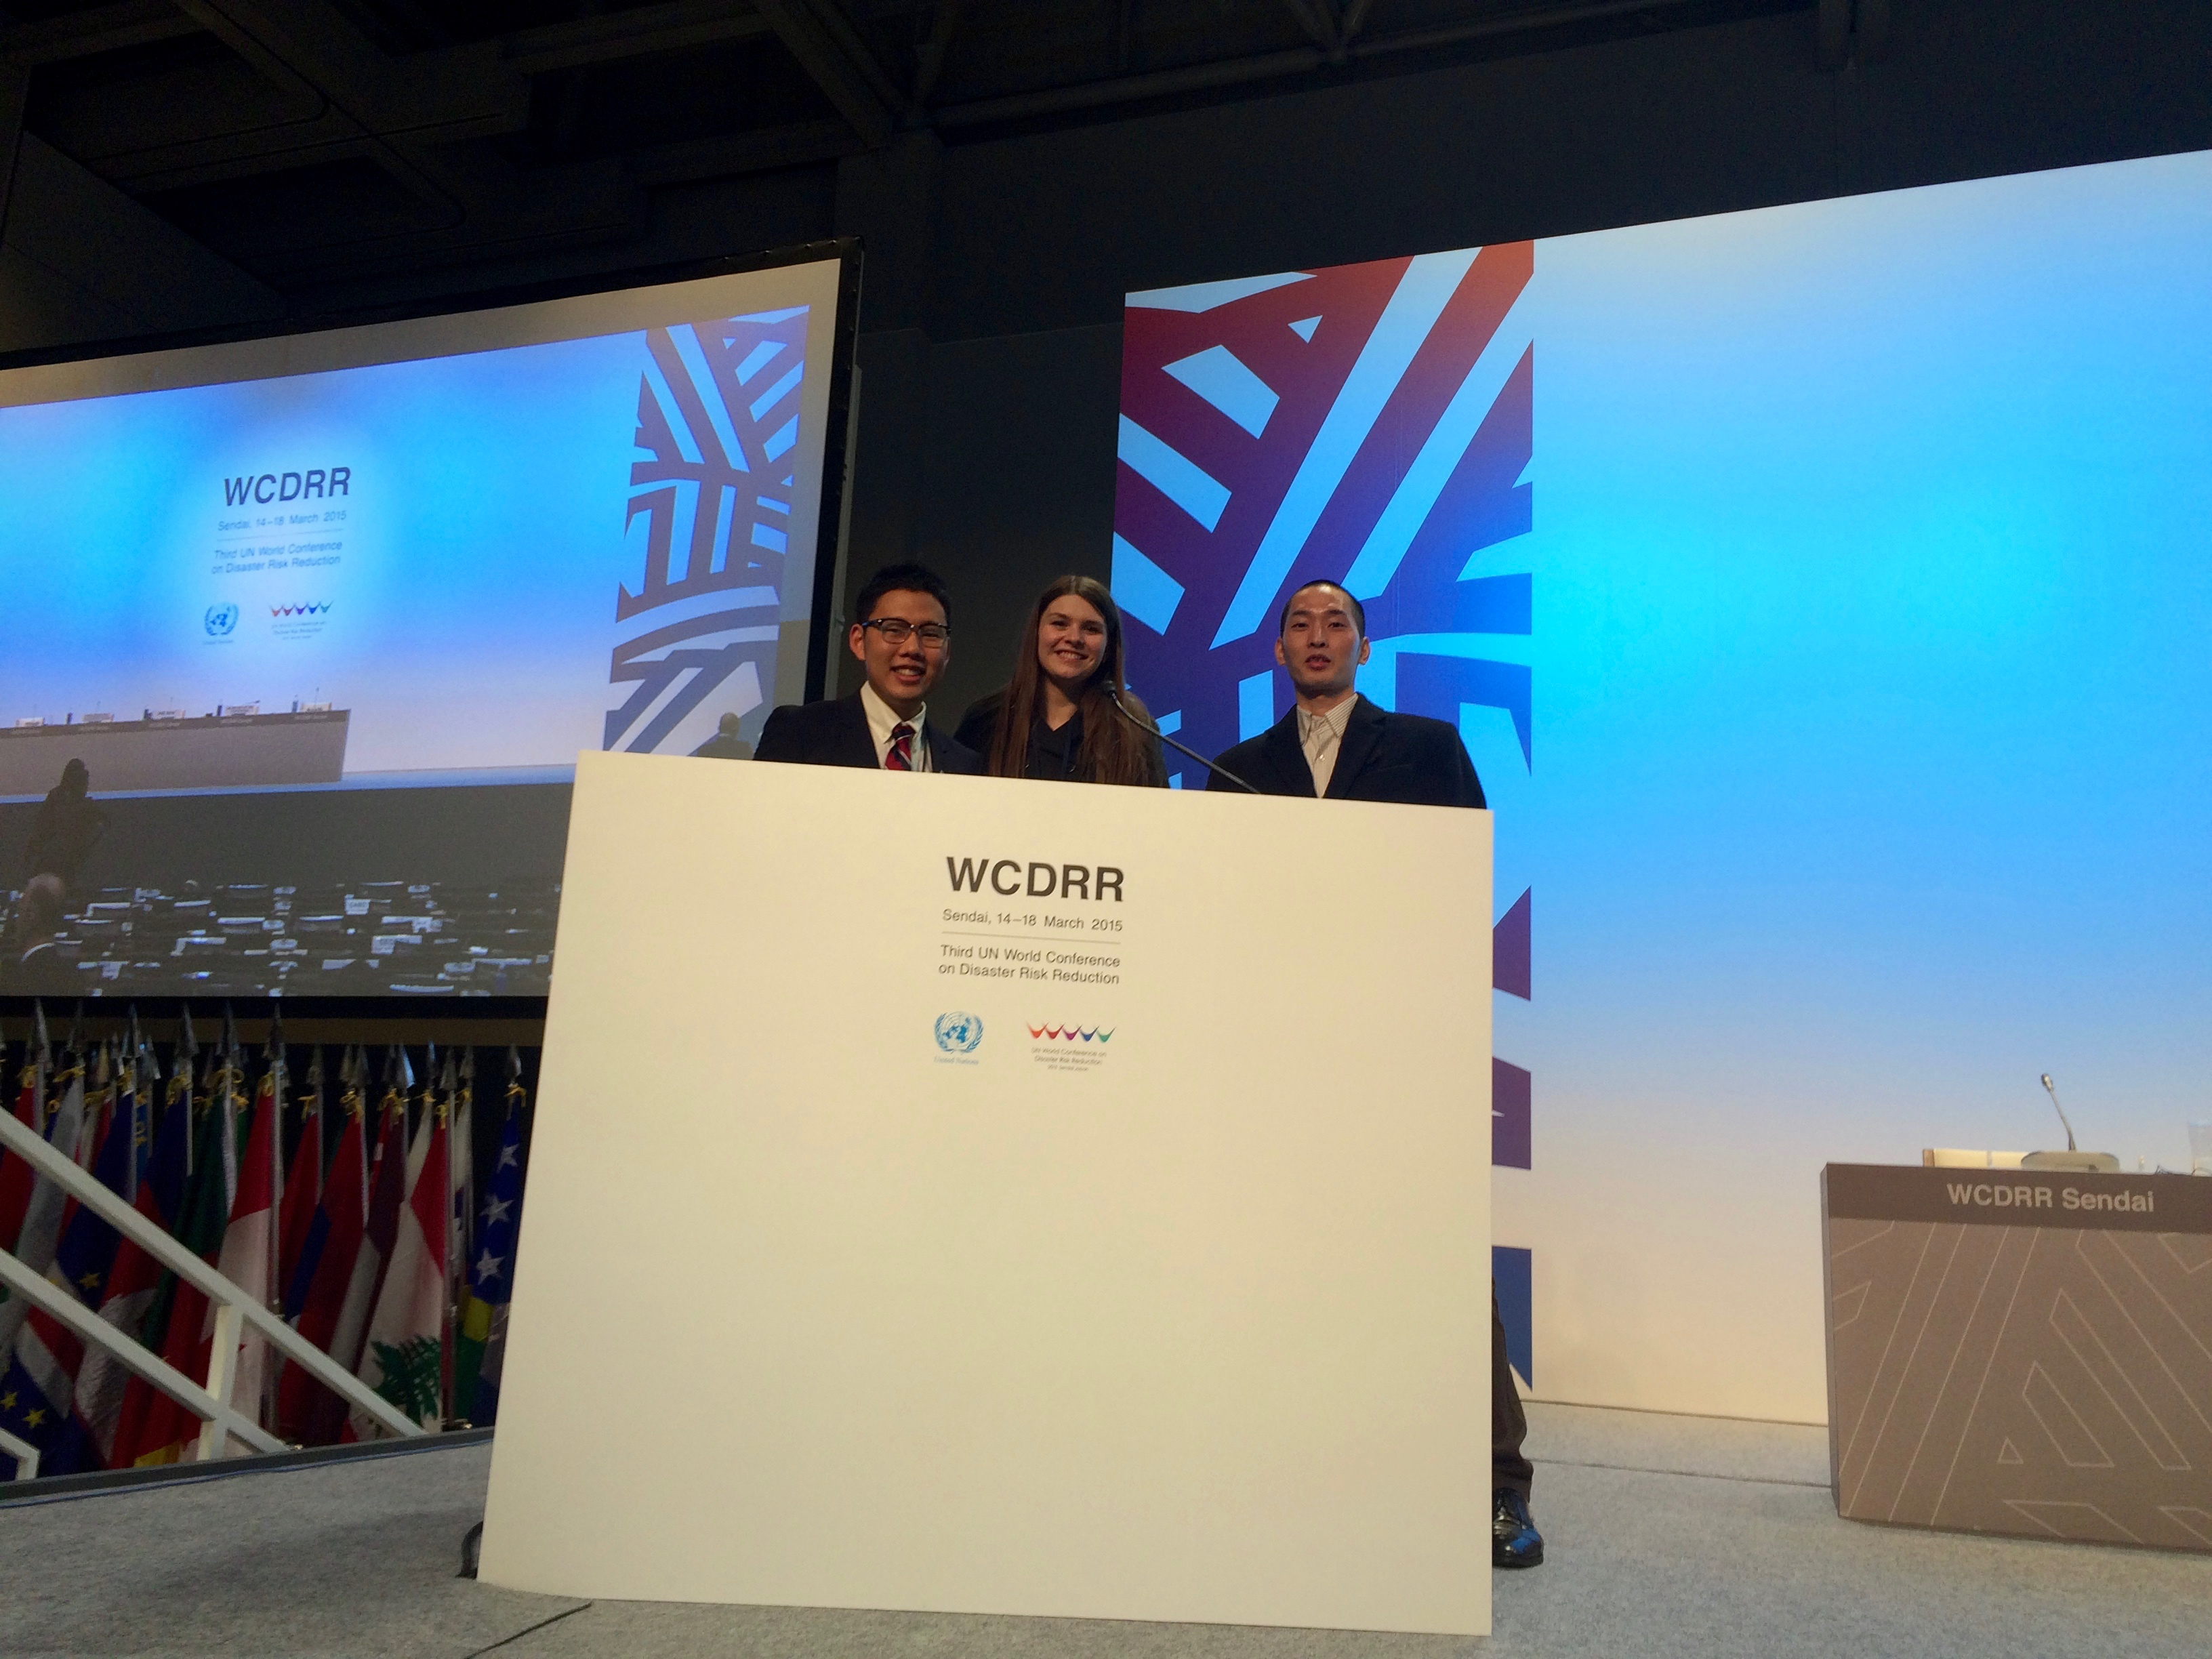 第三回国連世界防災会議の国際会議場の壇上で撮ったインターンの仲間との写真。一番左が高坂さん